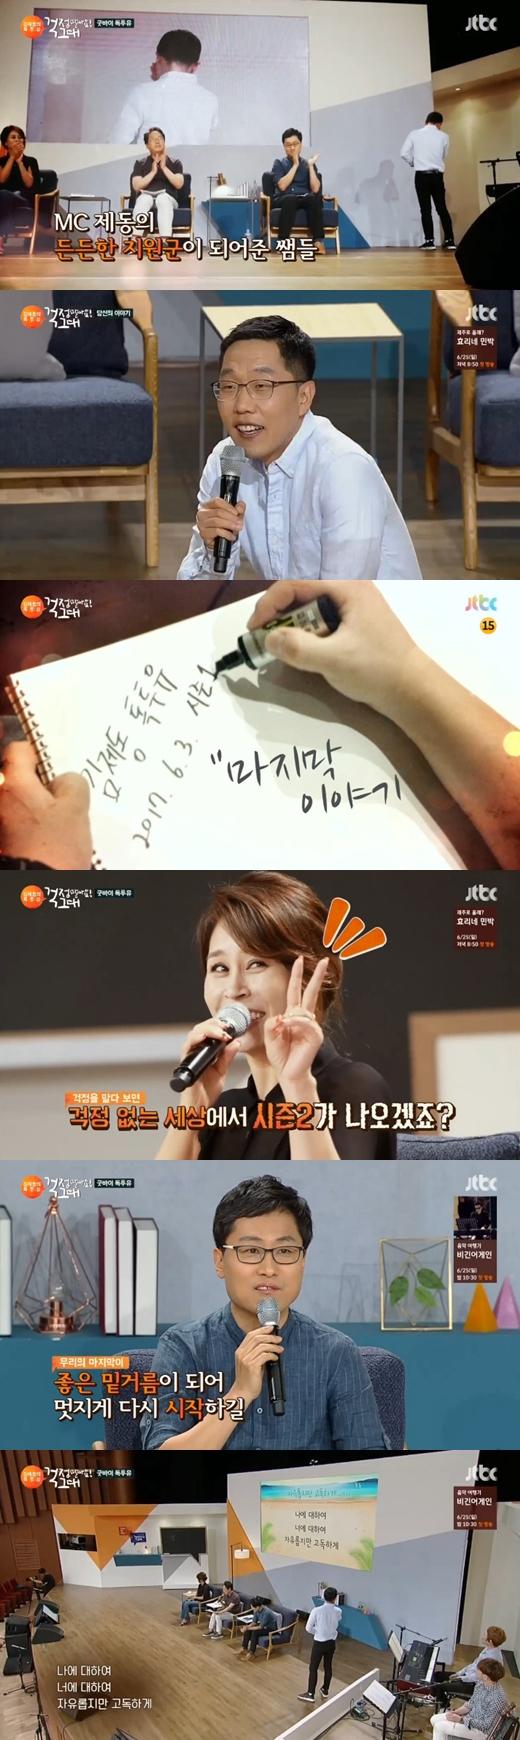 [MD리뷰] `톡투유`, 시즌2 기약하며 2년만에 종영…김제동 `눈물`